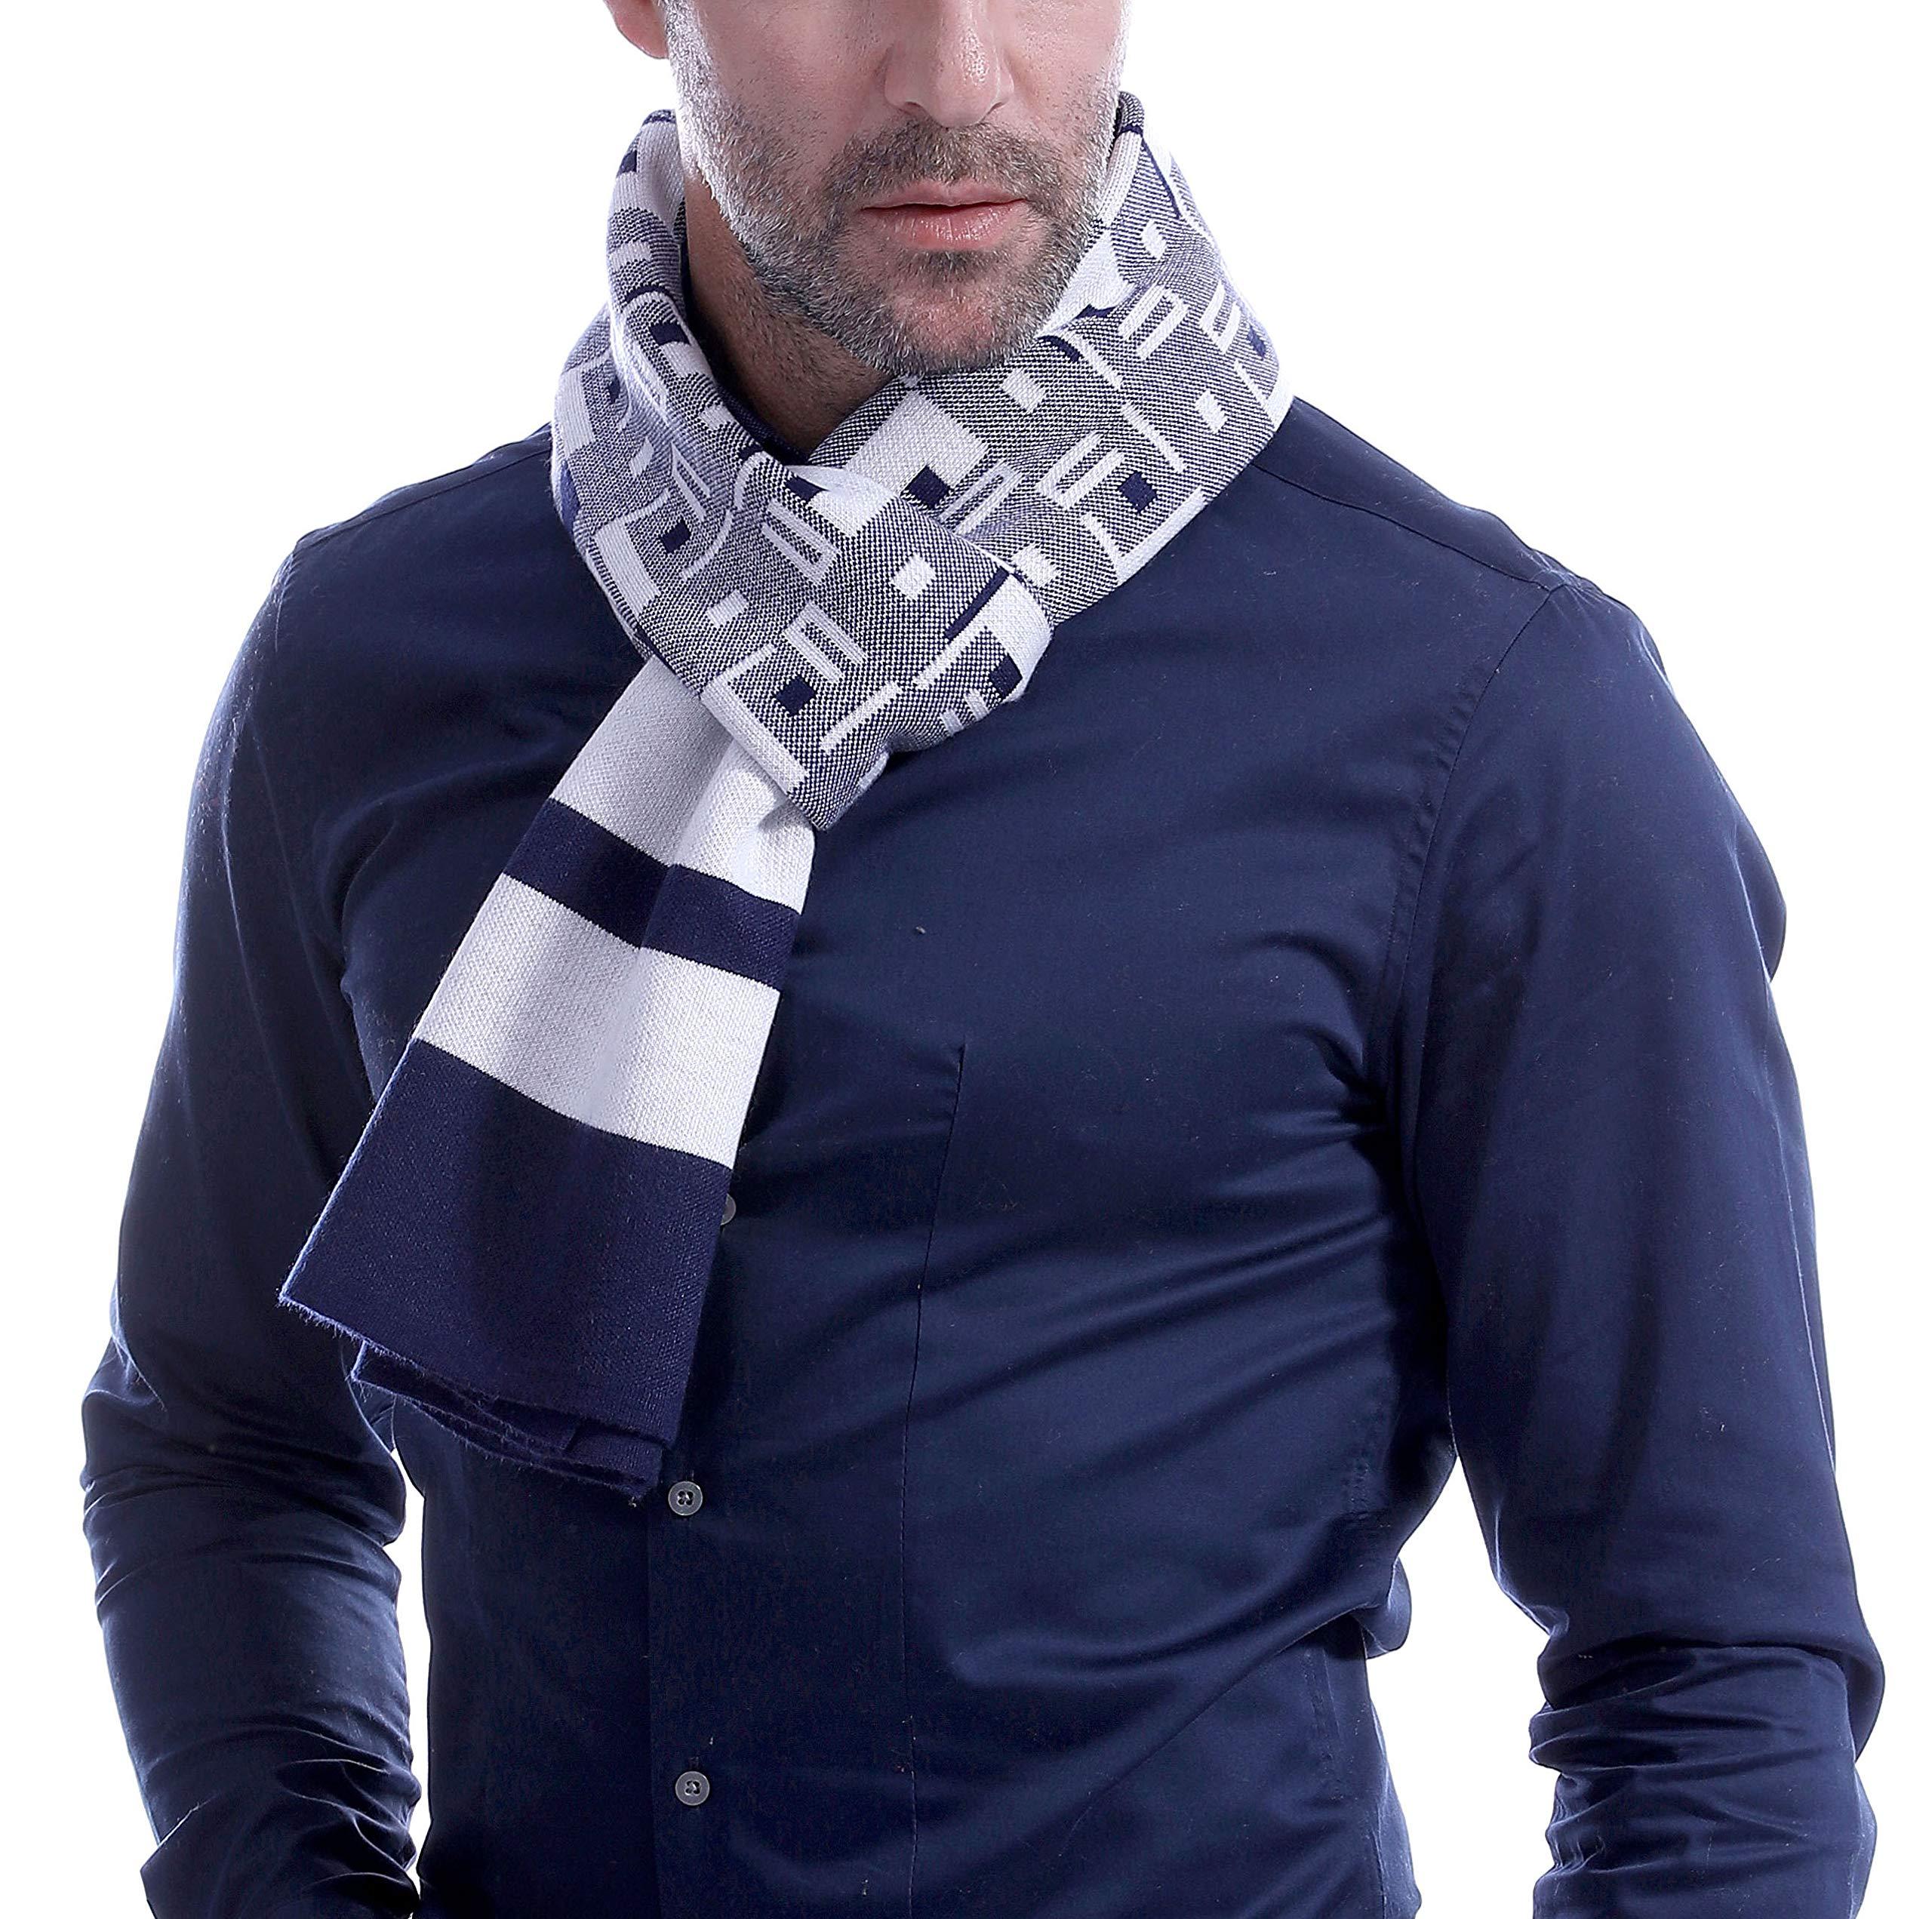 Runtlly 100% Wool Mens Scarf Winter Fashion Warm Scarfs LS0150-1 BlueWhite